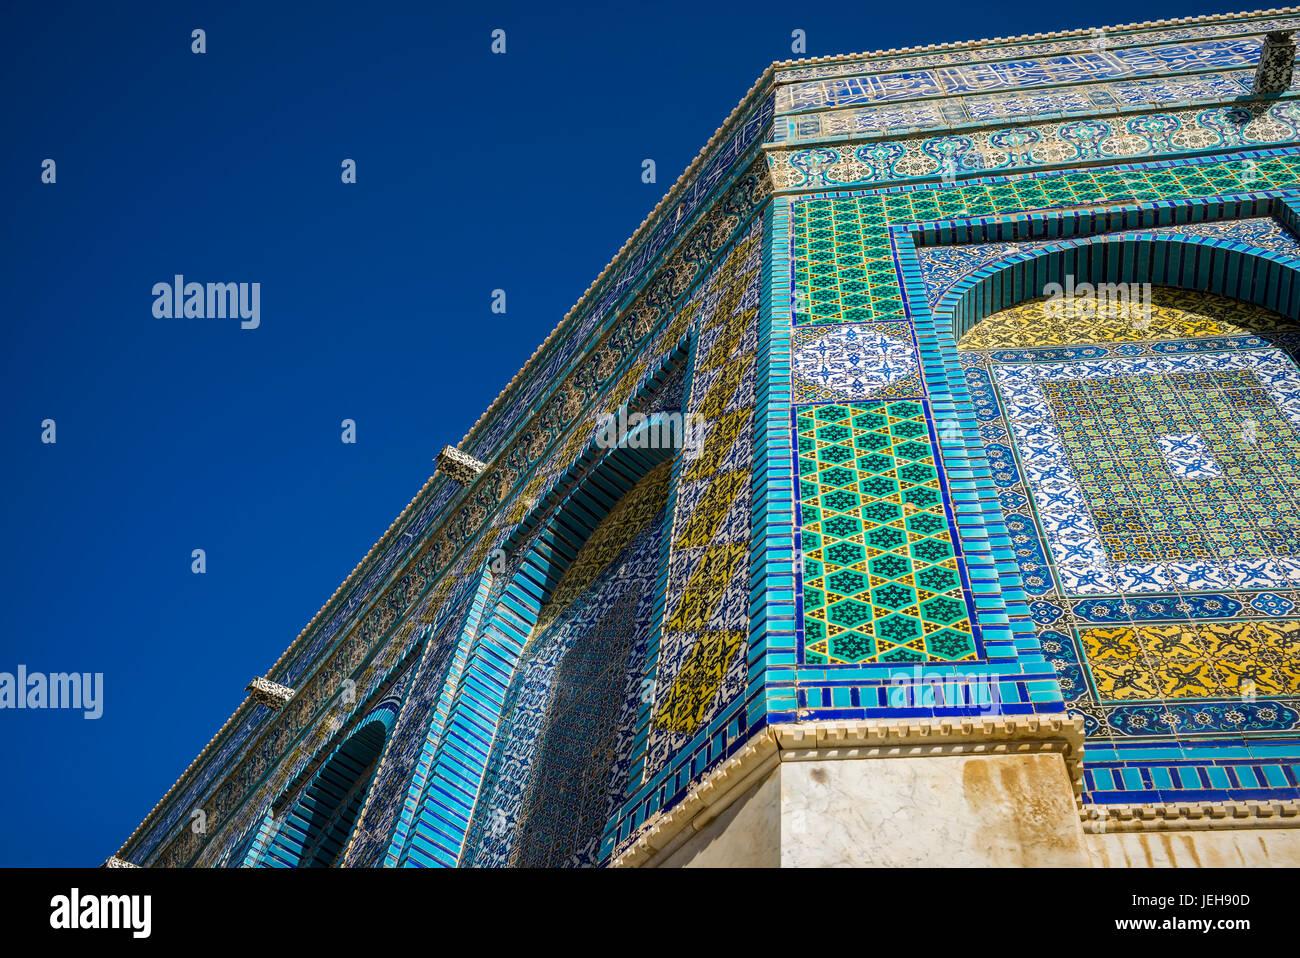 La facciata della Montagna del Tempio e Cupola della roccia, la Città Vecchia di Gerusalemme. Gerusalemme, Immagini Stock